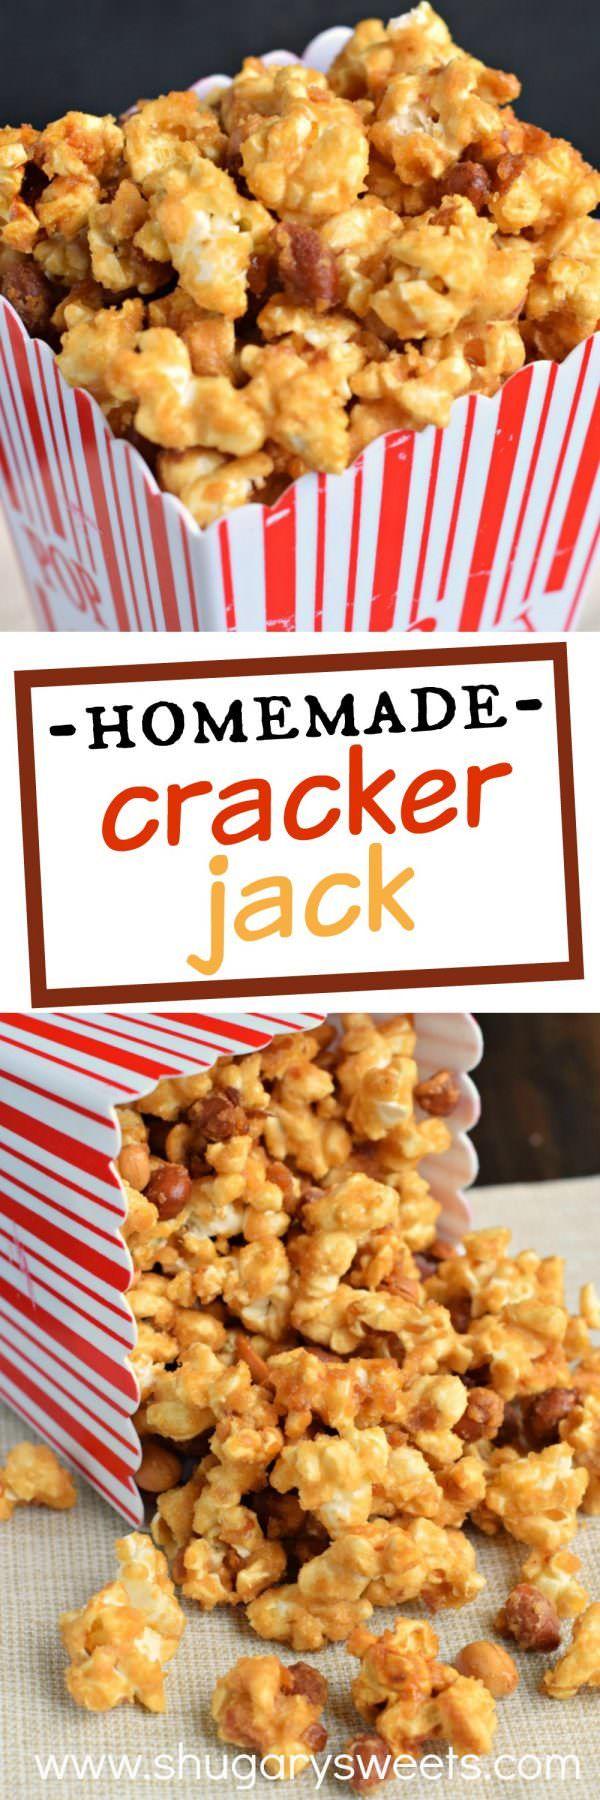 Haciendo hecho en casa Cracker Jack palomitas de maíz es muy fácil y delicioso!  Dulce y crujiente, este maíz de caramelo adictivo es mejor que el original!